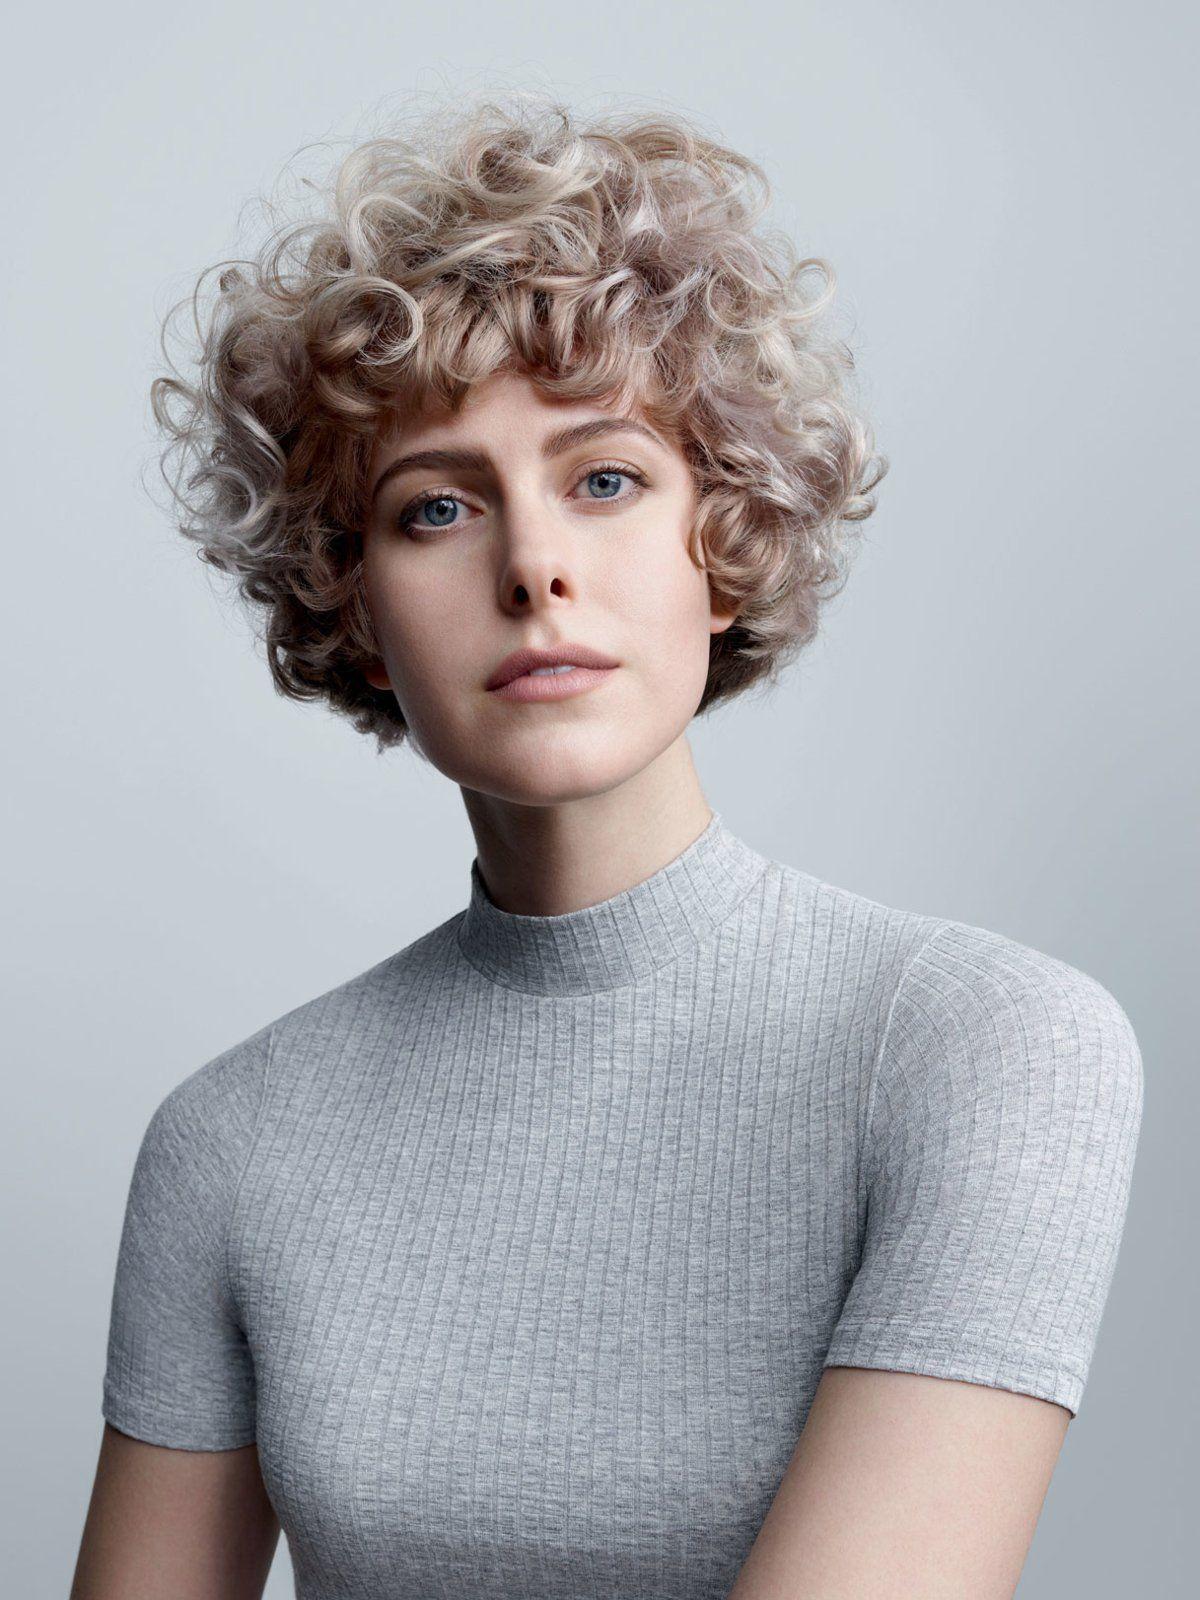 Kurzhaarfrisur trotz krausen locken mit dem richtigen haarschnitt